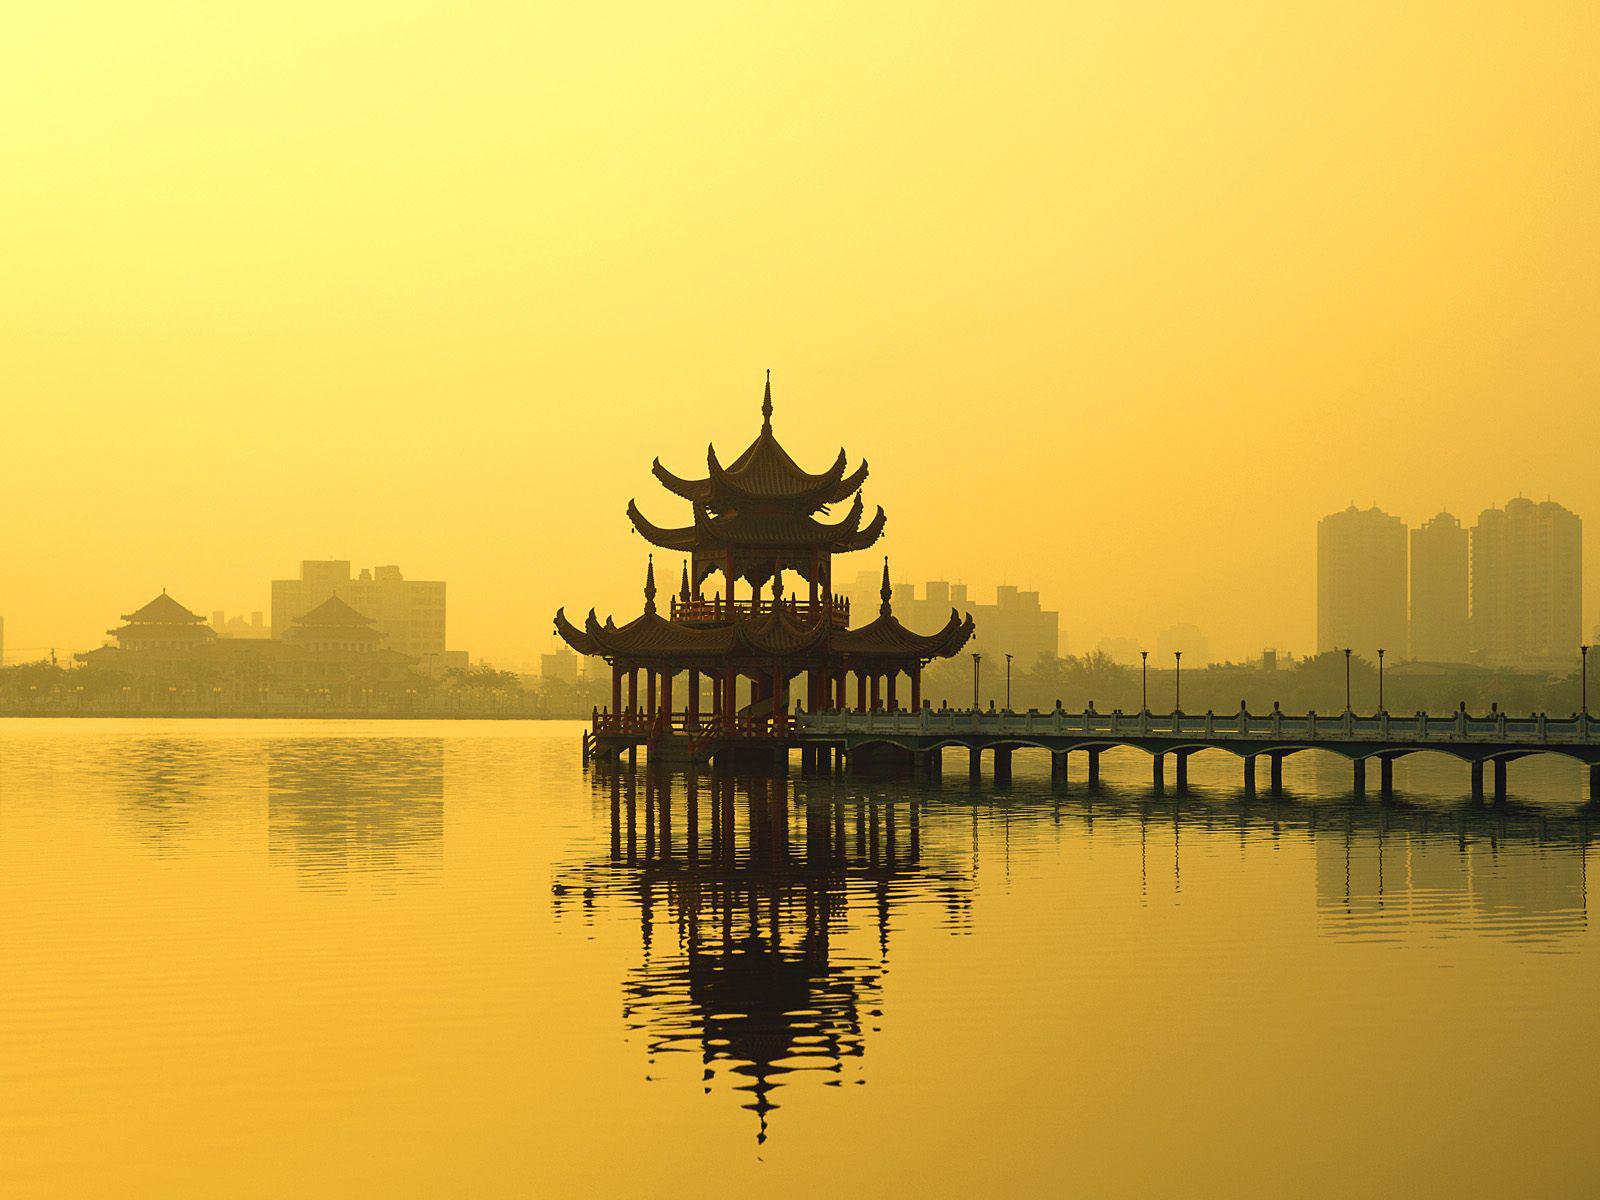 Интересное. Вокруг Света. Азия. мир, Азия, путешествия, природа